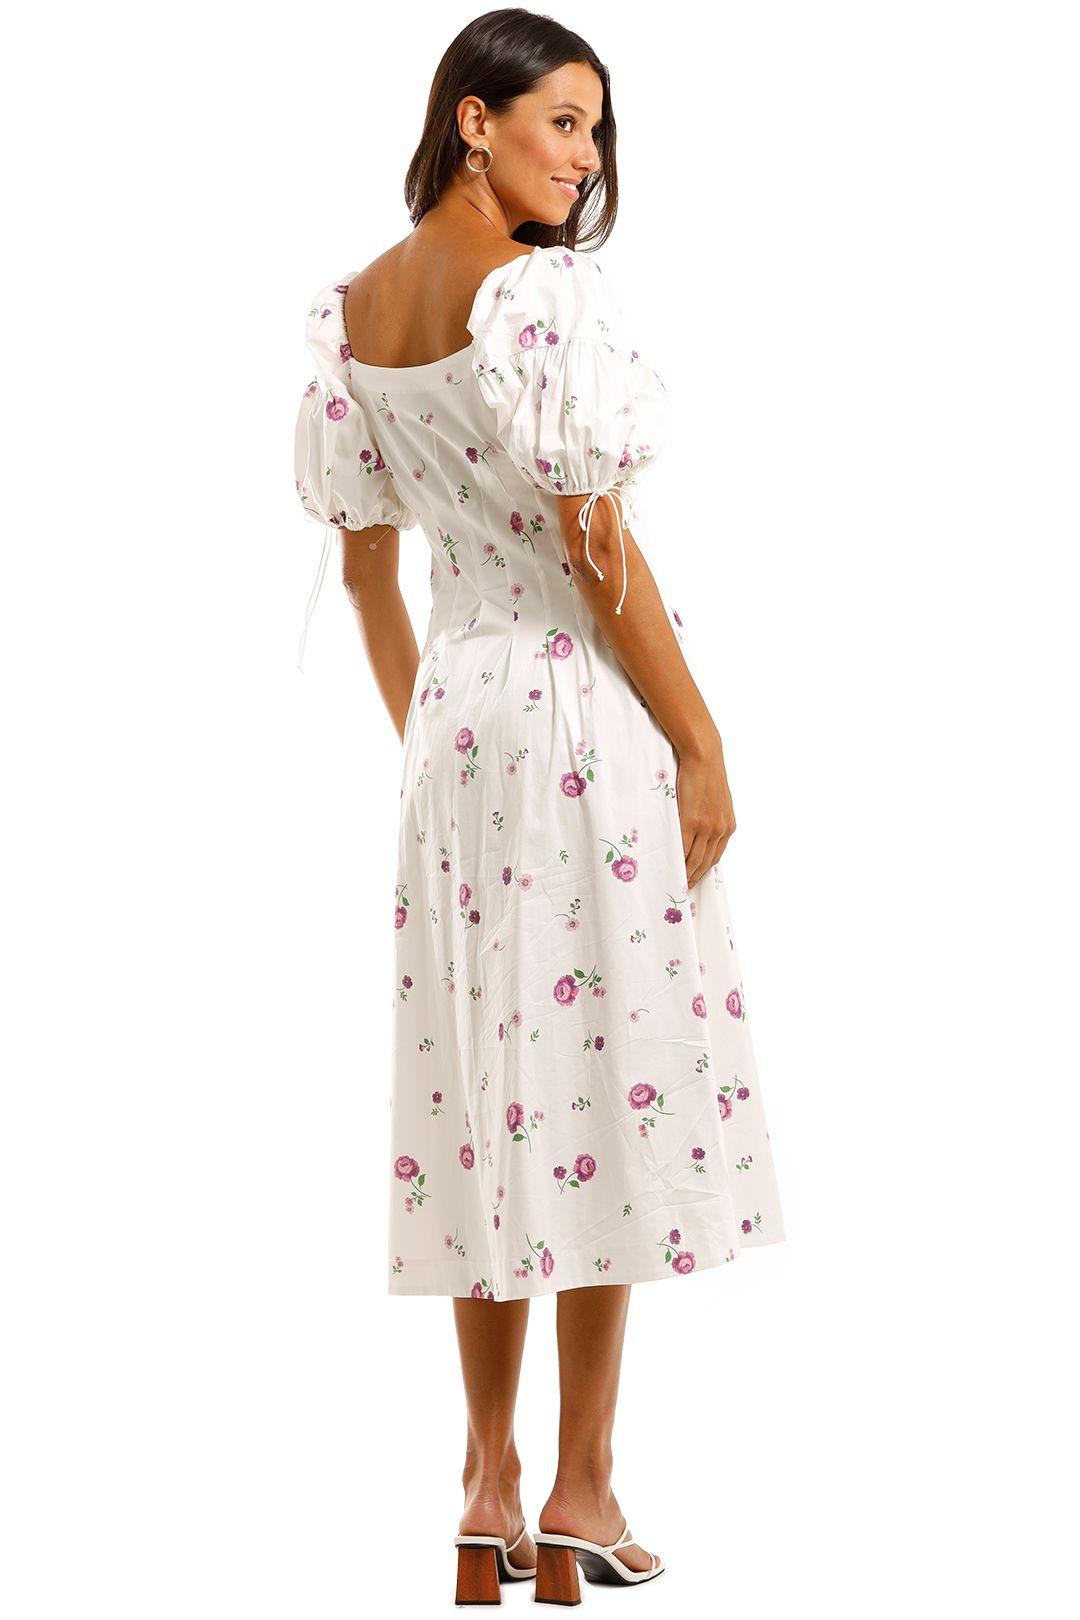 For Love and Lemons Violet Midi Dress White